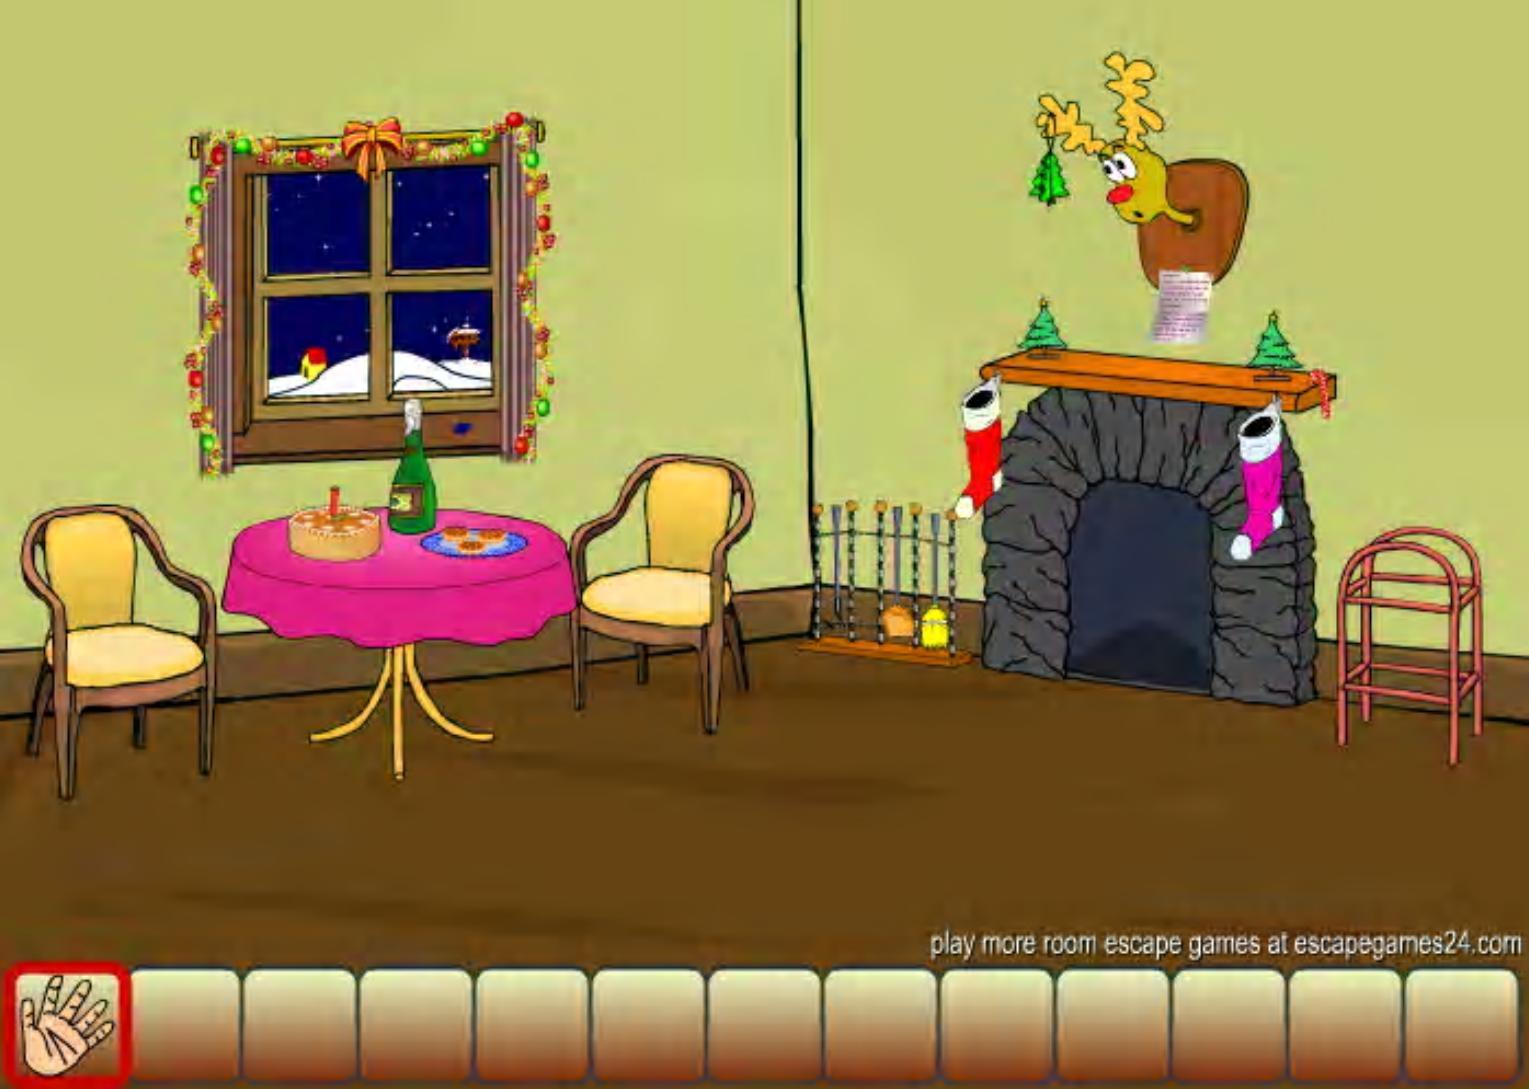 игры онлайн выход из комнаты